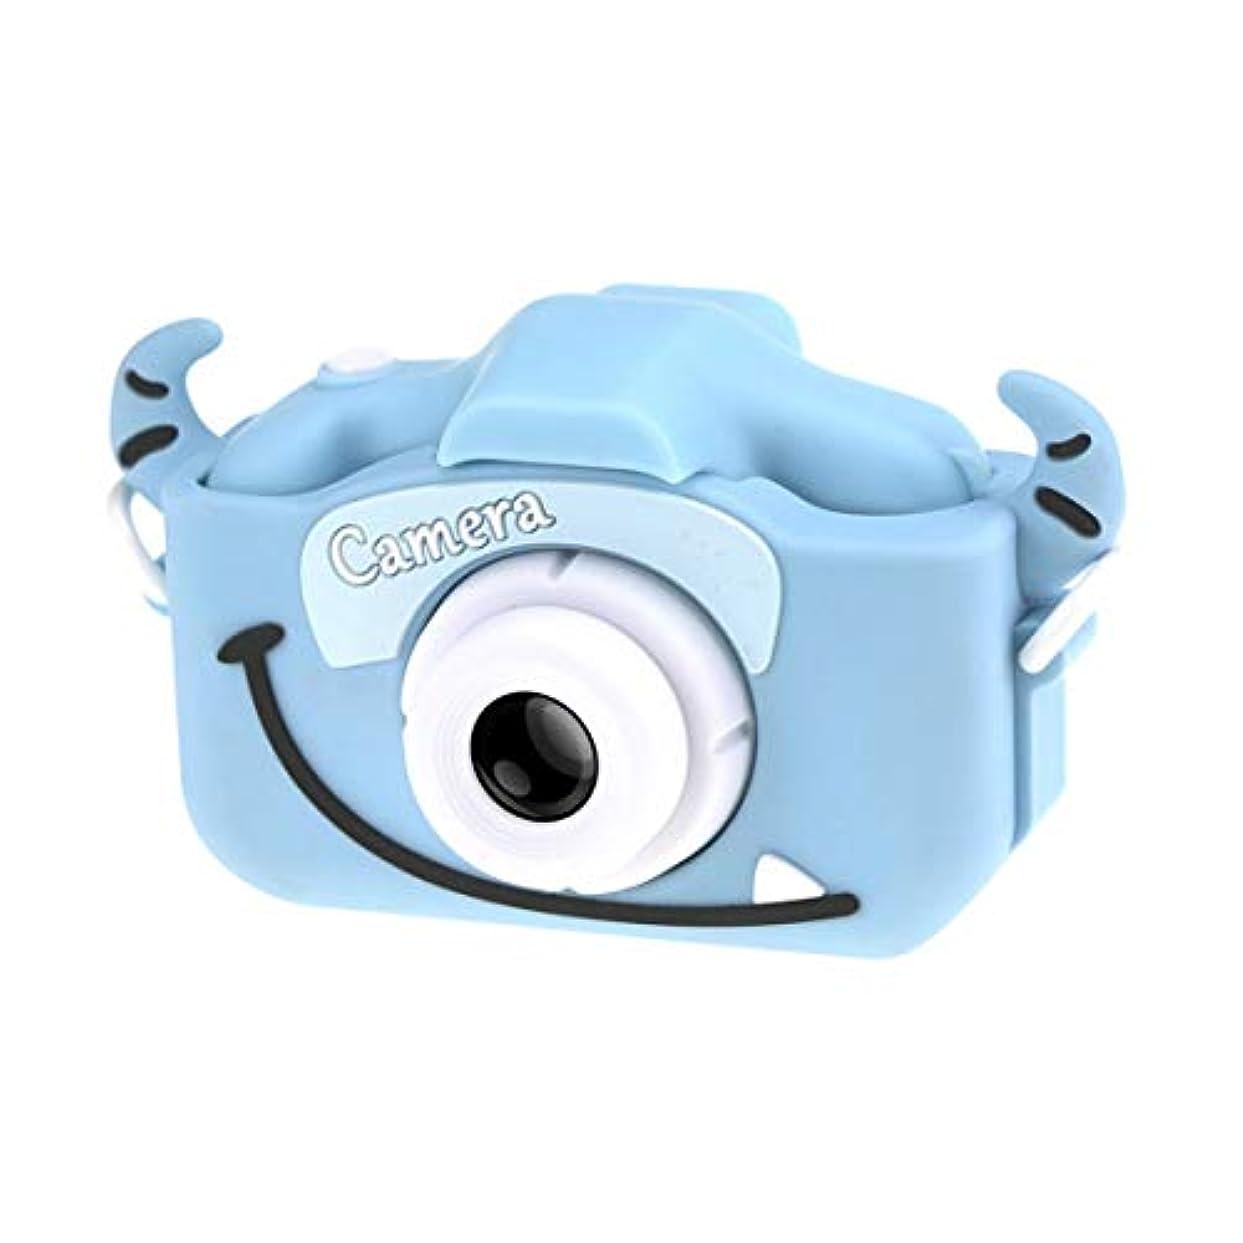 困惑した北極圏強調子供用ミニカメラ子供用教育玩具子供用ベビーギフト誕生日プレゼントデジタルカメラプロジェクションビデオカメラ-ブルー